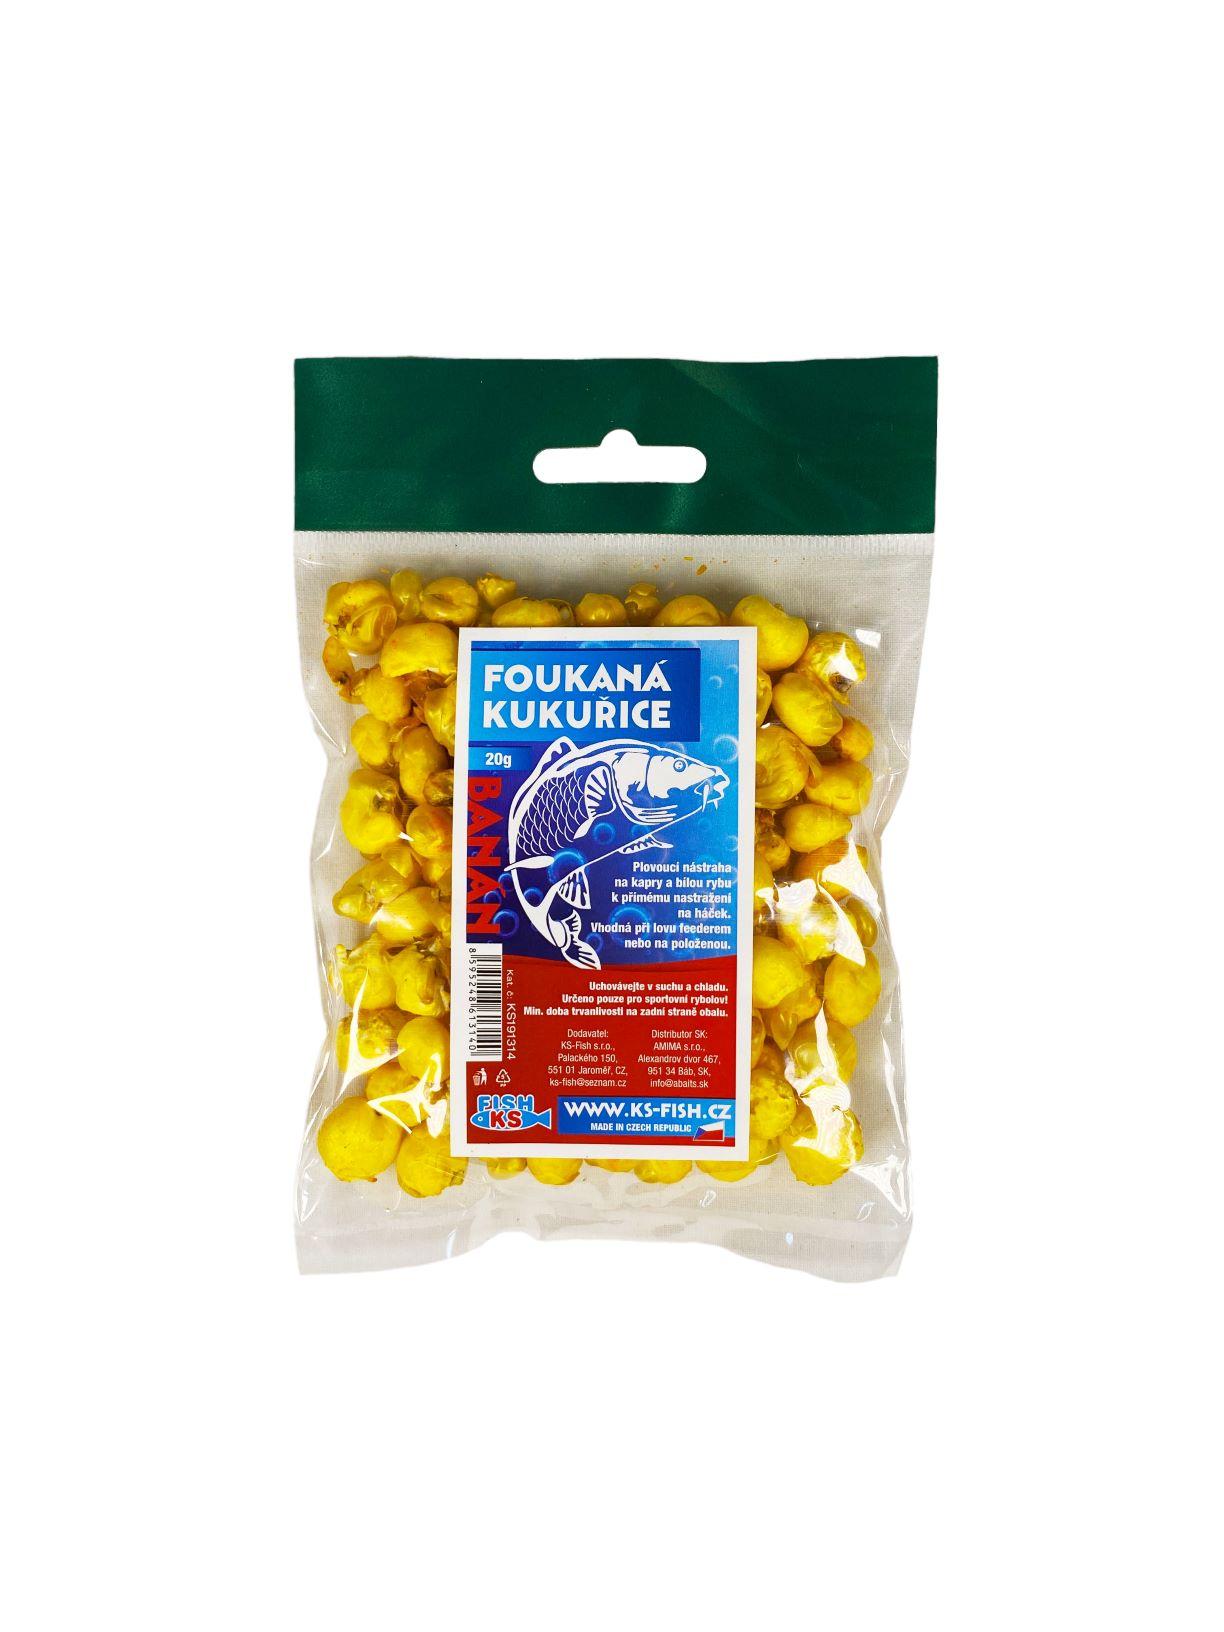 KS Fish foukaná kukuřice 20g, banán